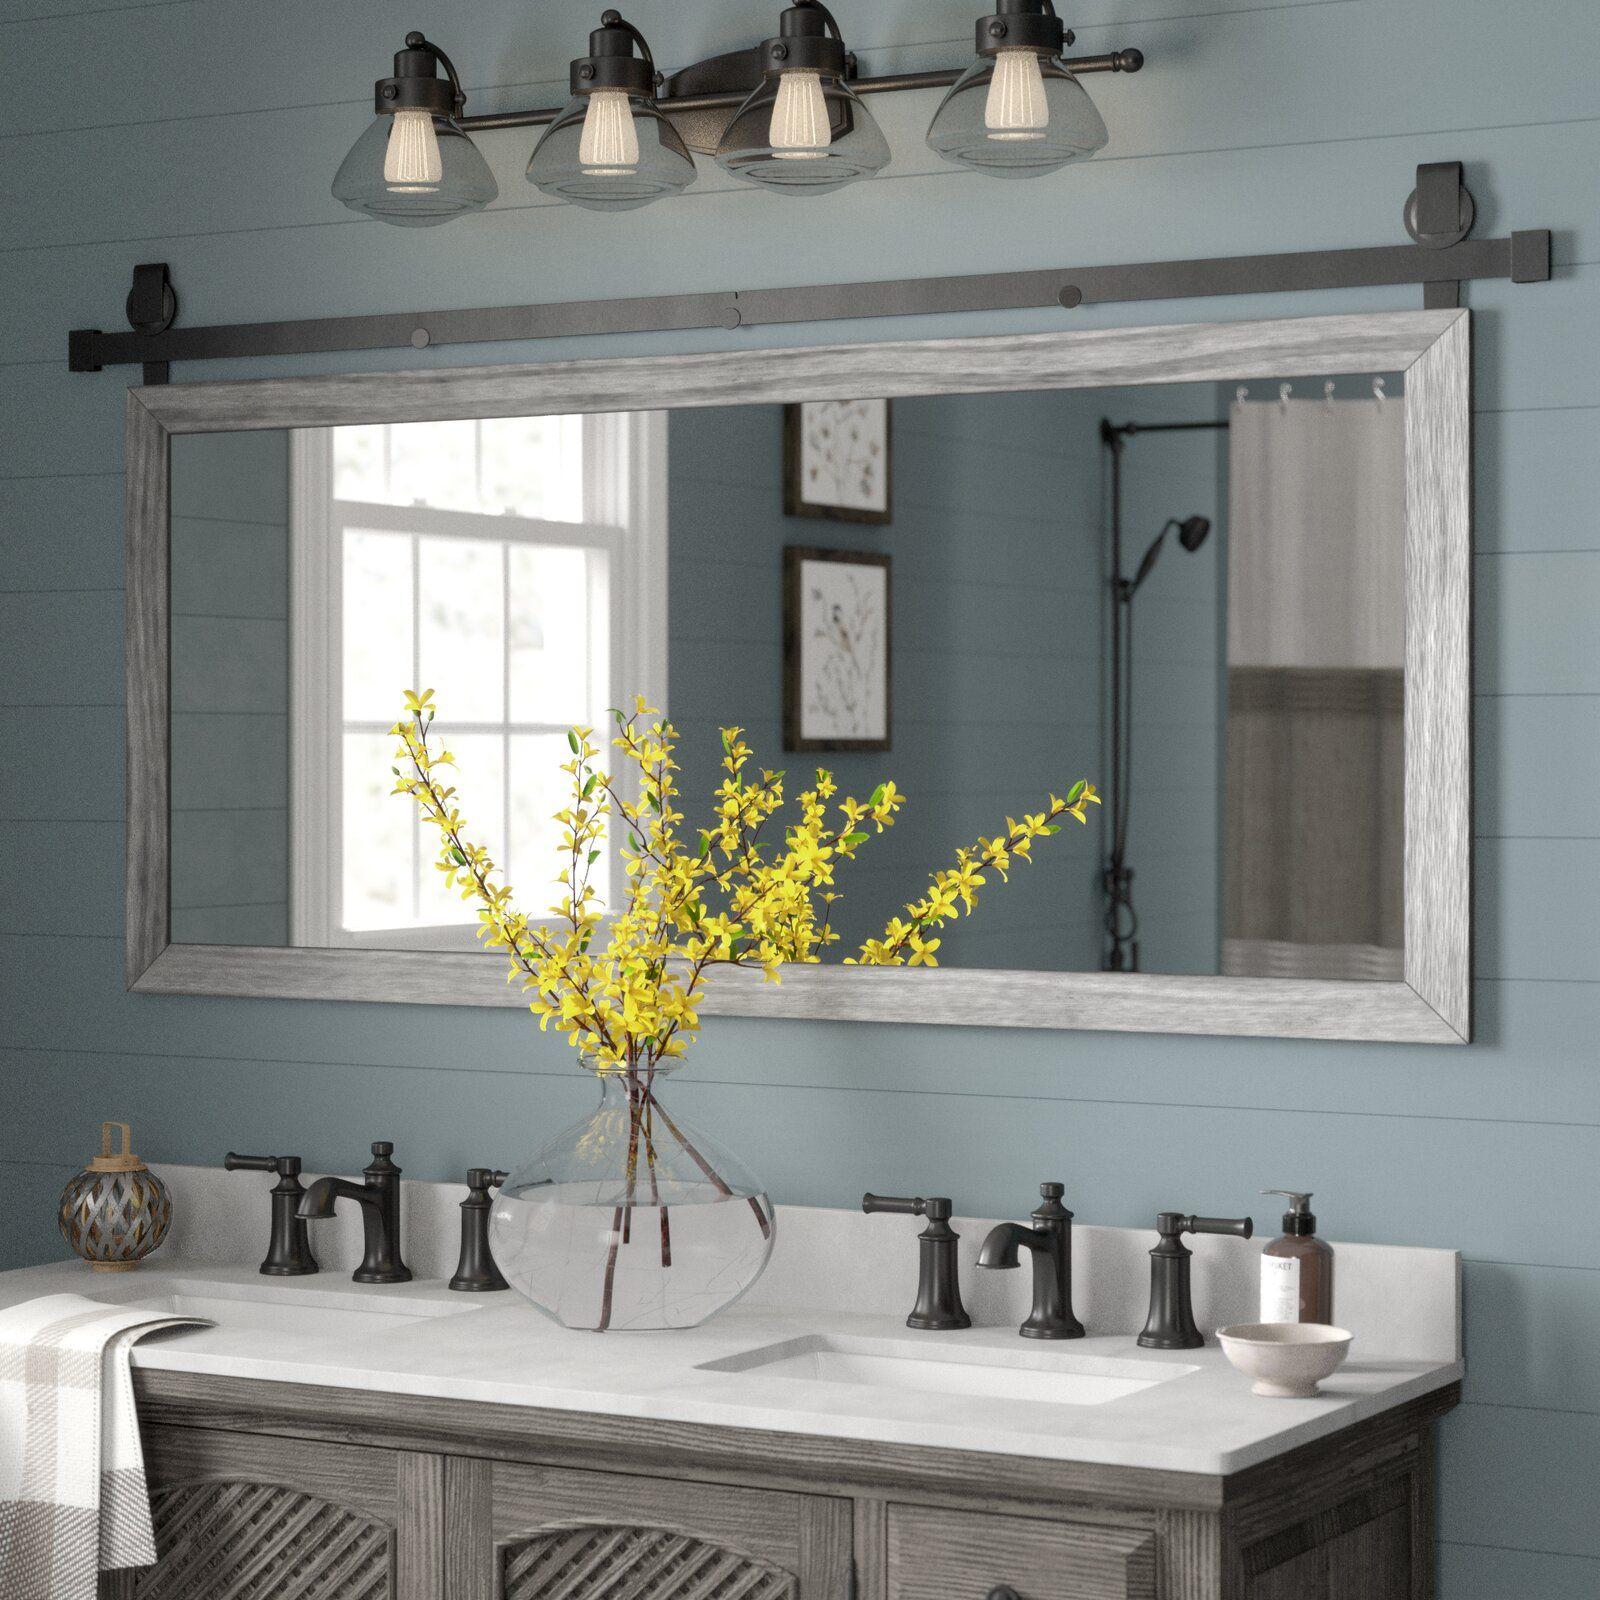 Gracie Oaks Nicholle Bathroom Vanity Mirror Wayfair Ca Bathroom Mirror Traditional Bathroom Bathroom Styling